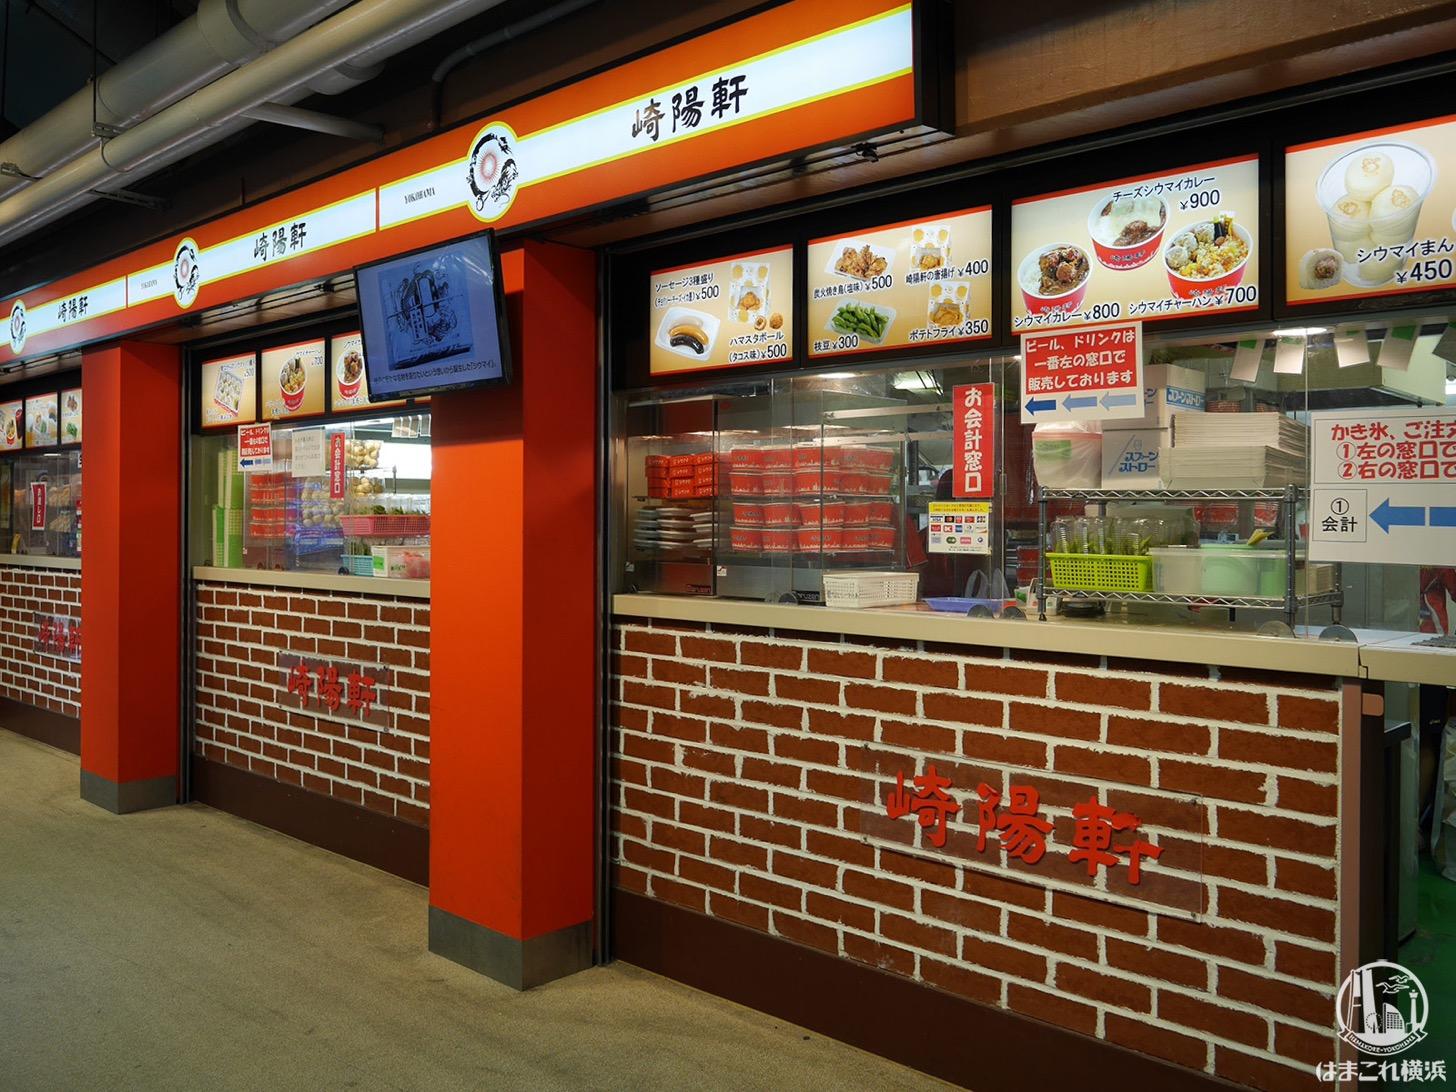 崎陽軒 内野BAY SIDE店(1塁側・1ゲート付近)